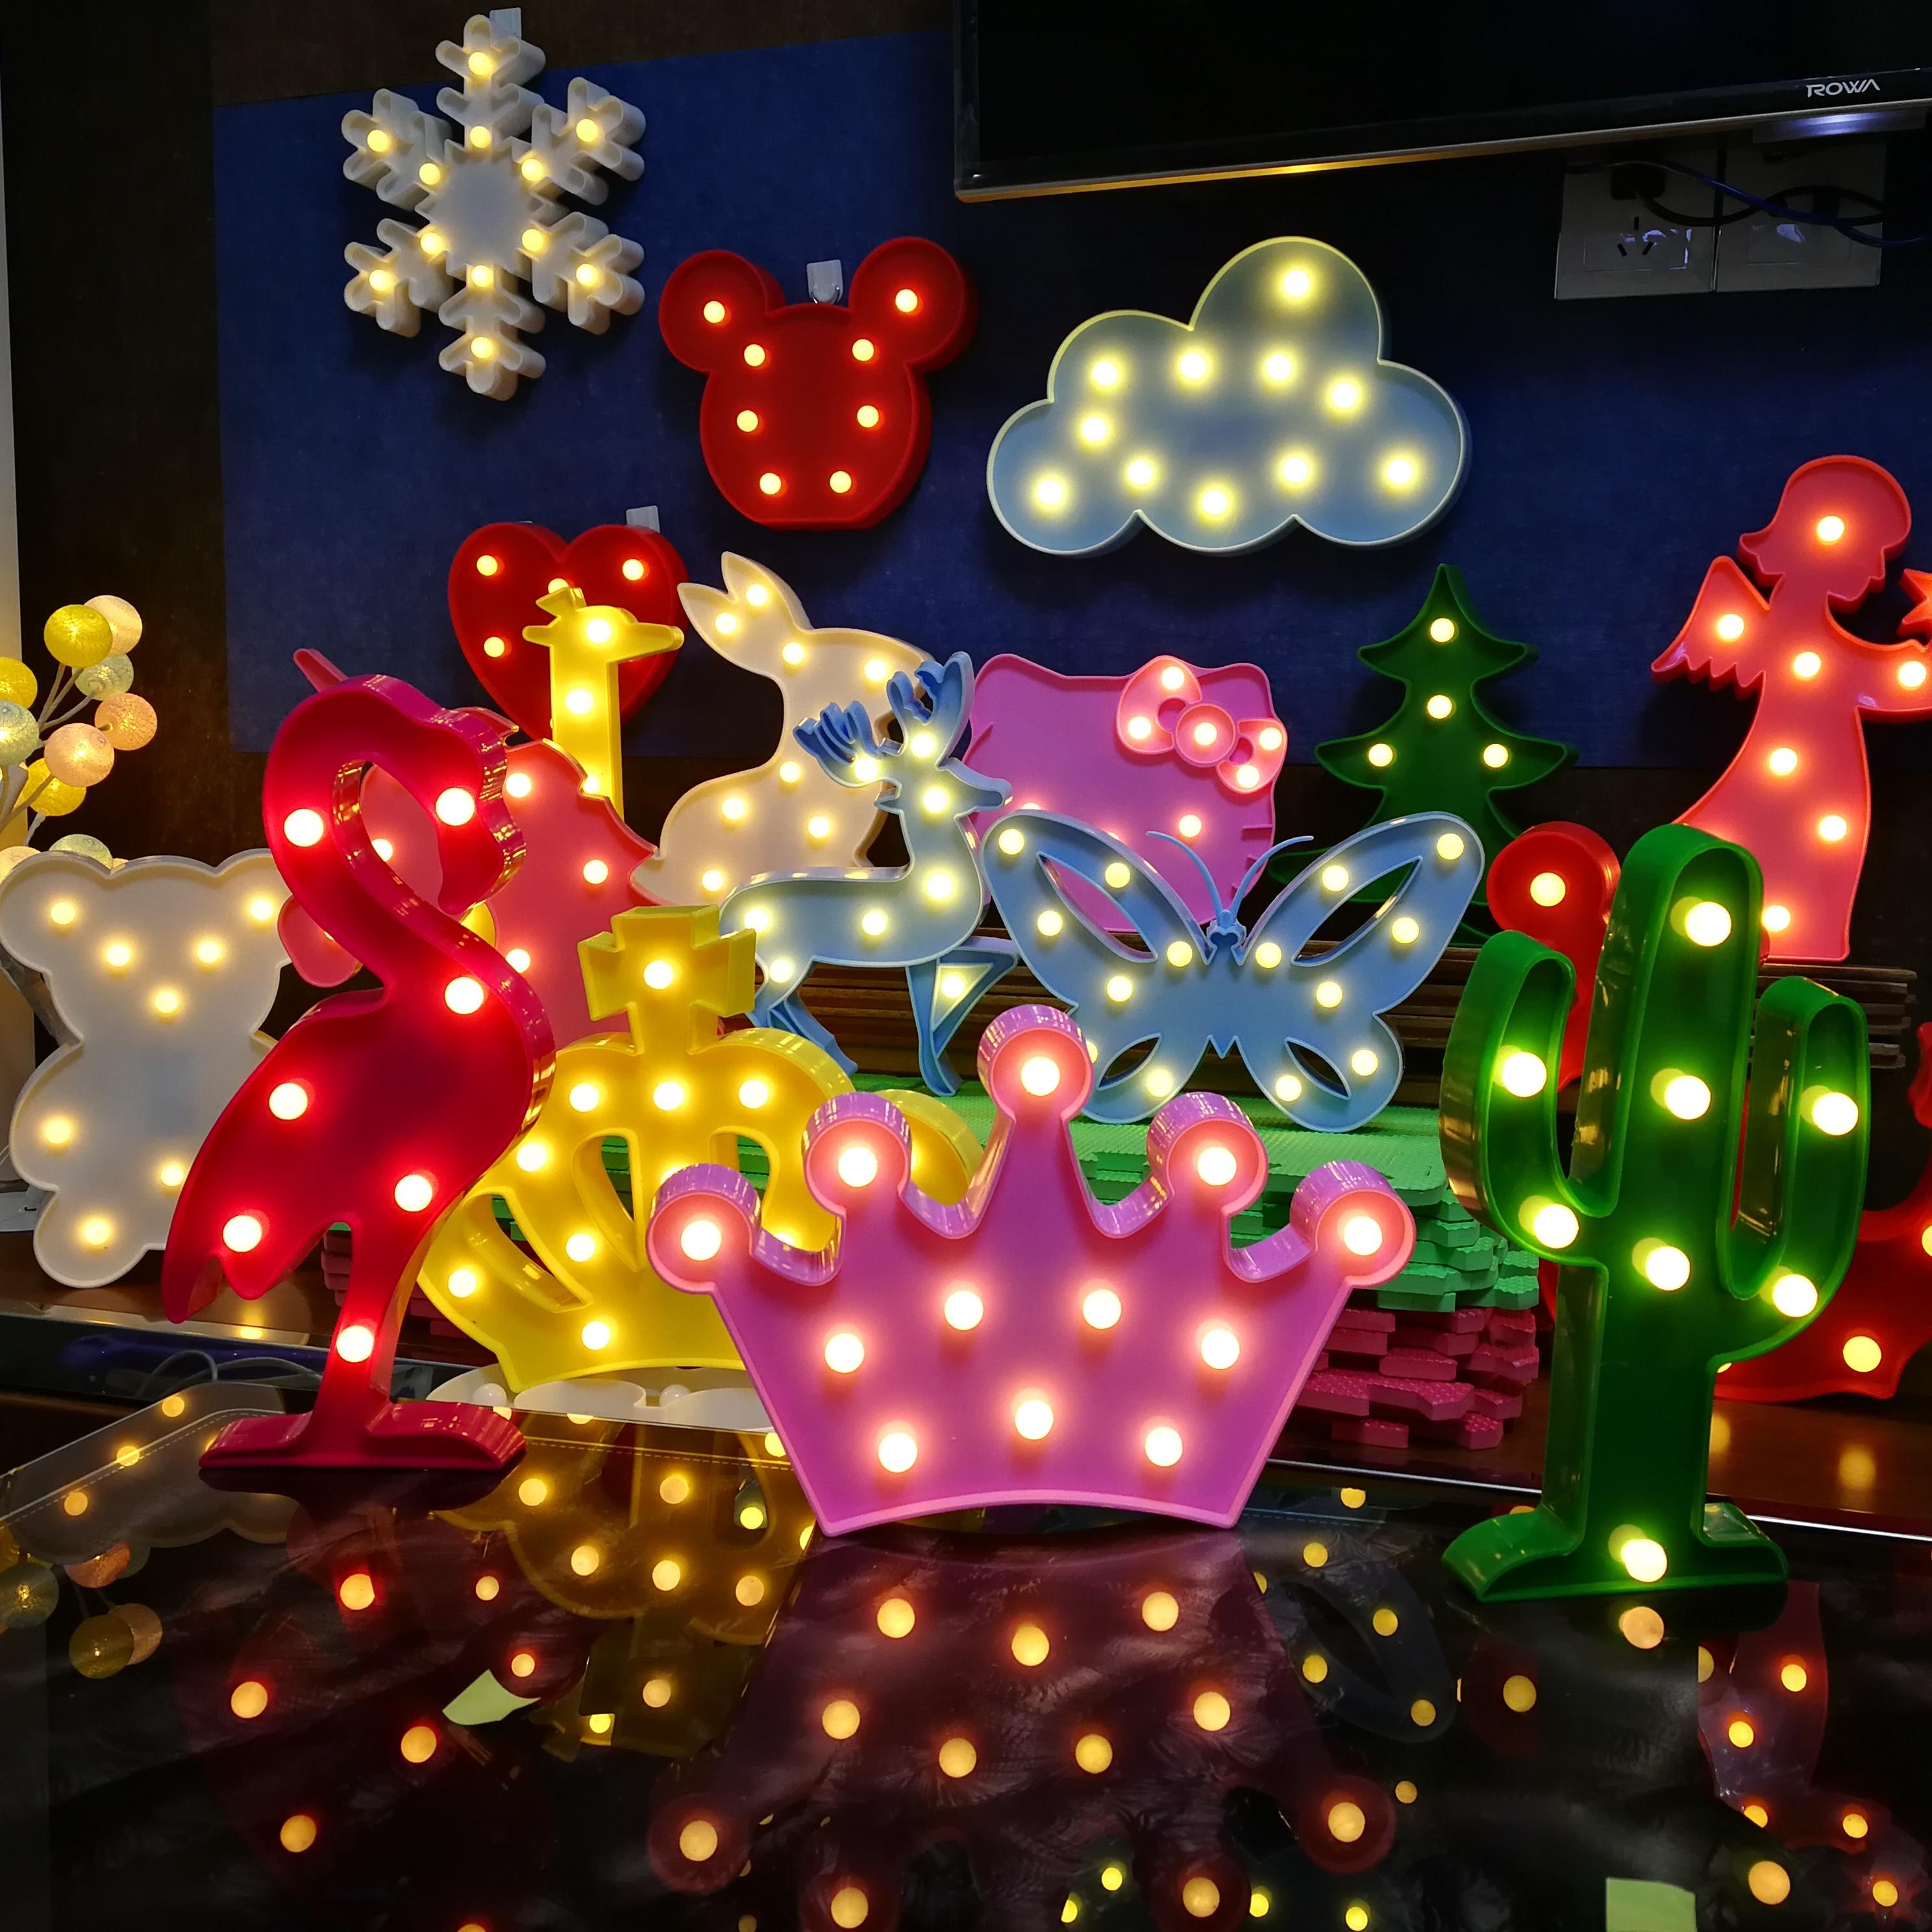 Lámpara LED en forma de corona, nube, Animal, guirnalda de hadas, batería, luces de noche, regalo para niños, juguetes para dormitorio, boda, vacaciones, decoración de fiesta